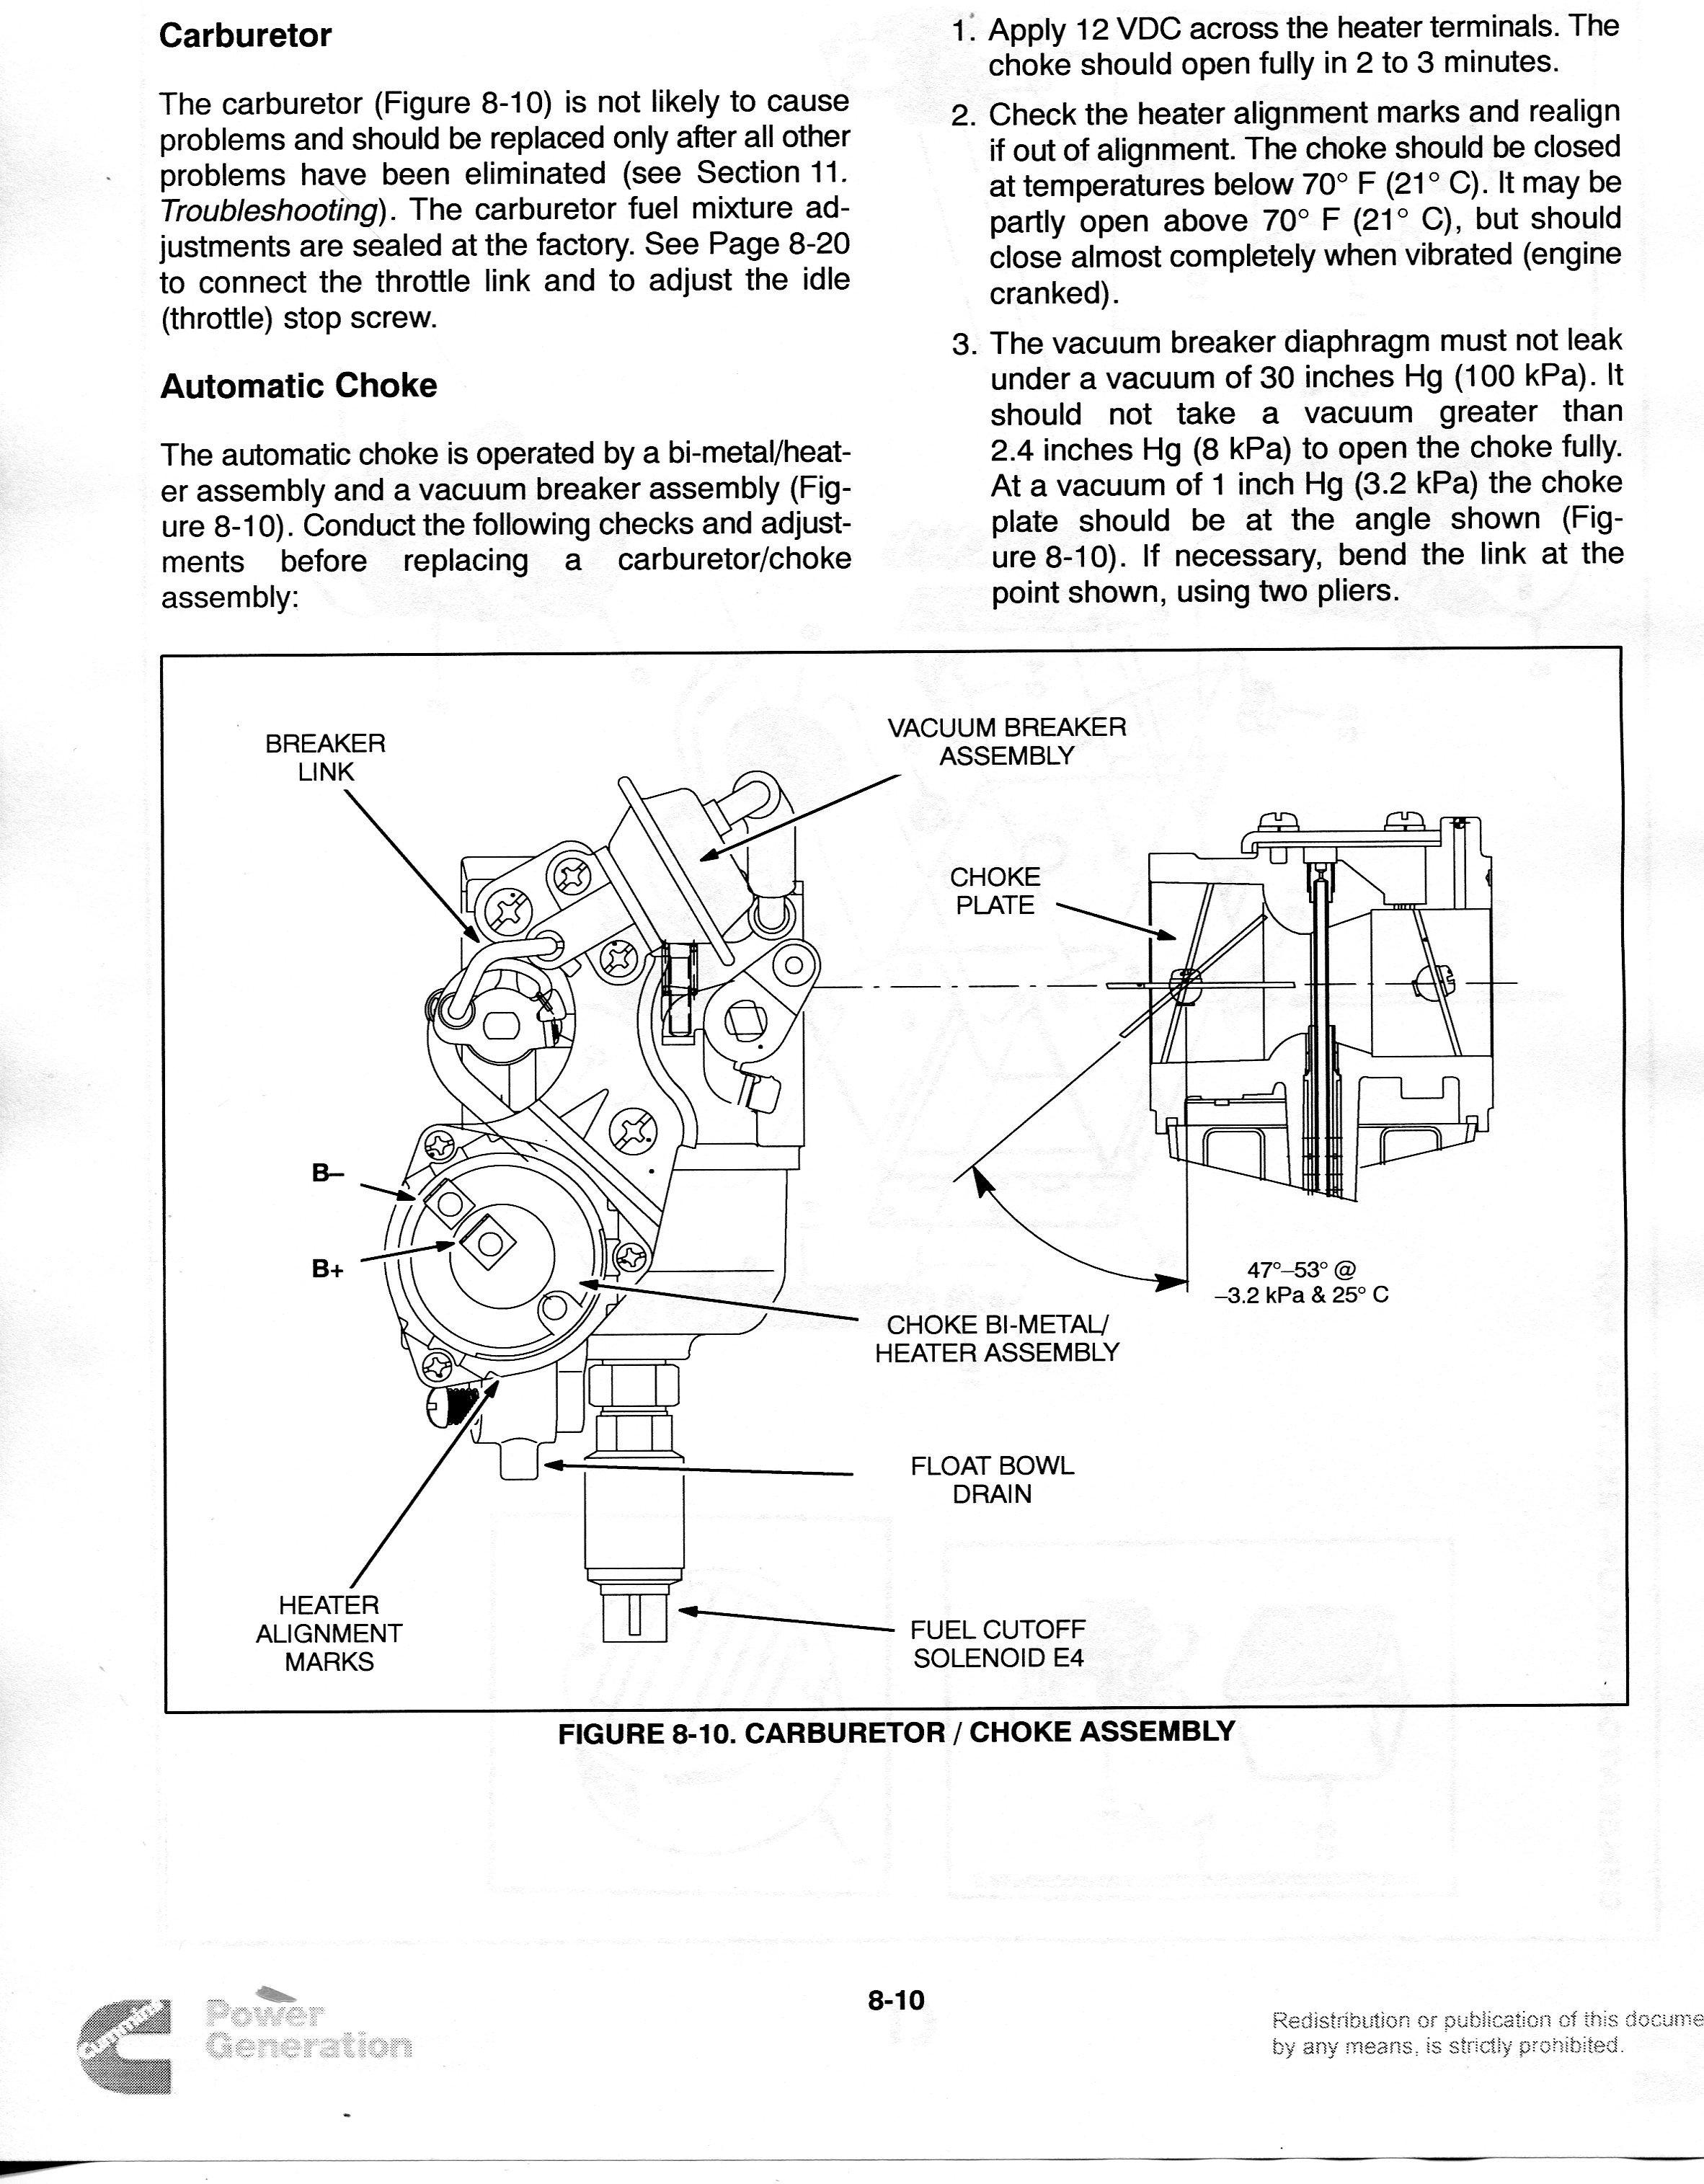 onan 4000 carburetor diagram